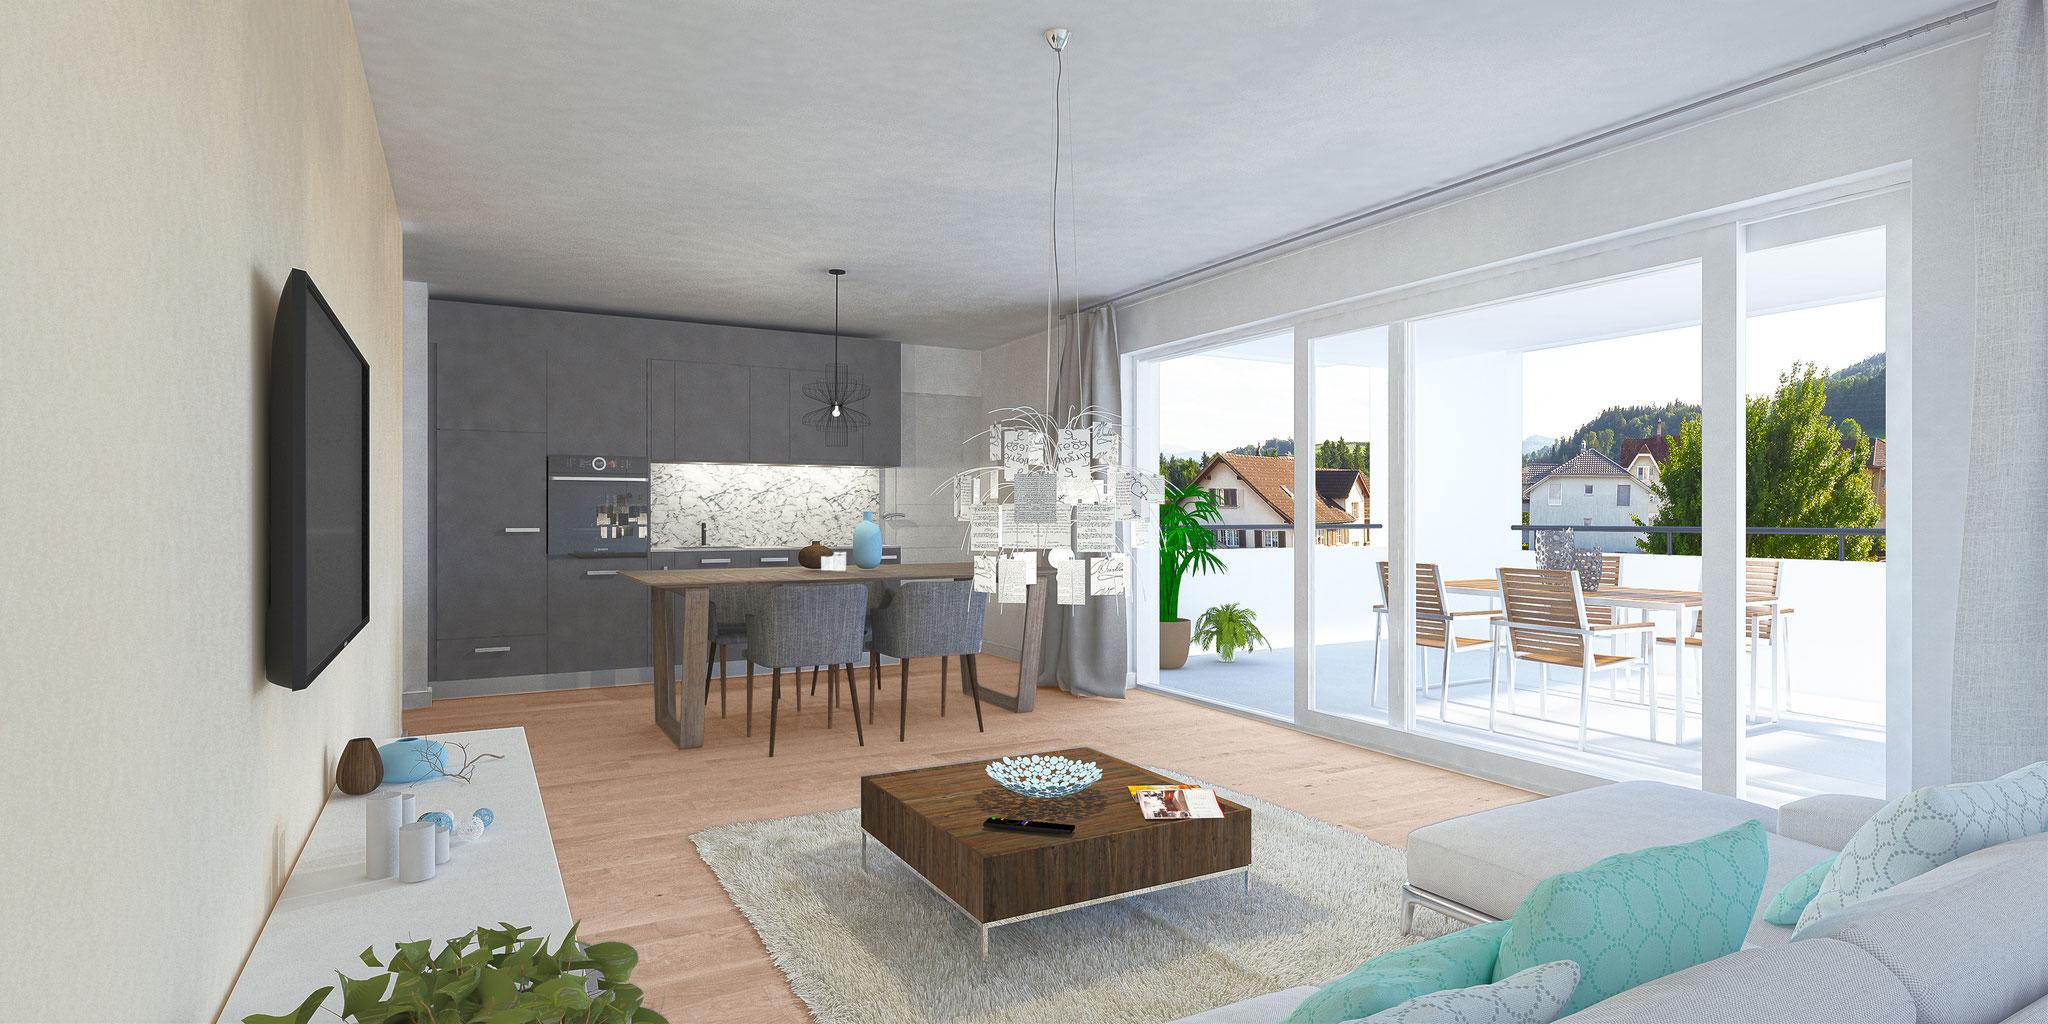 Alle 2 ½-Zi-Wohnungen sind loftartig – nur mit einer trennenden Küchenzeile – konzipiert.